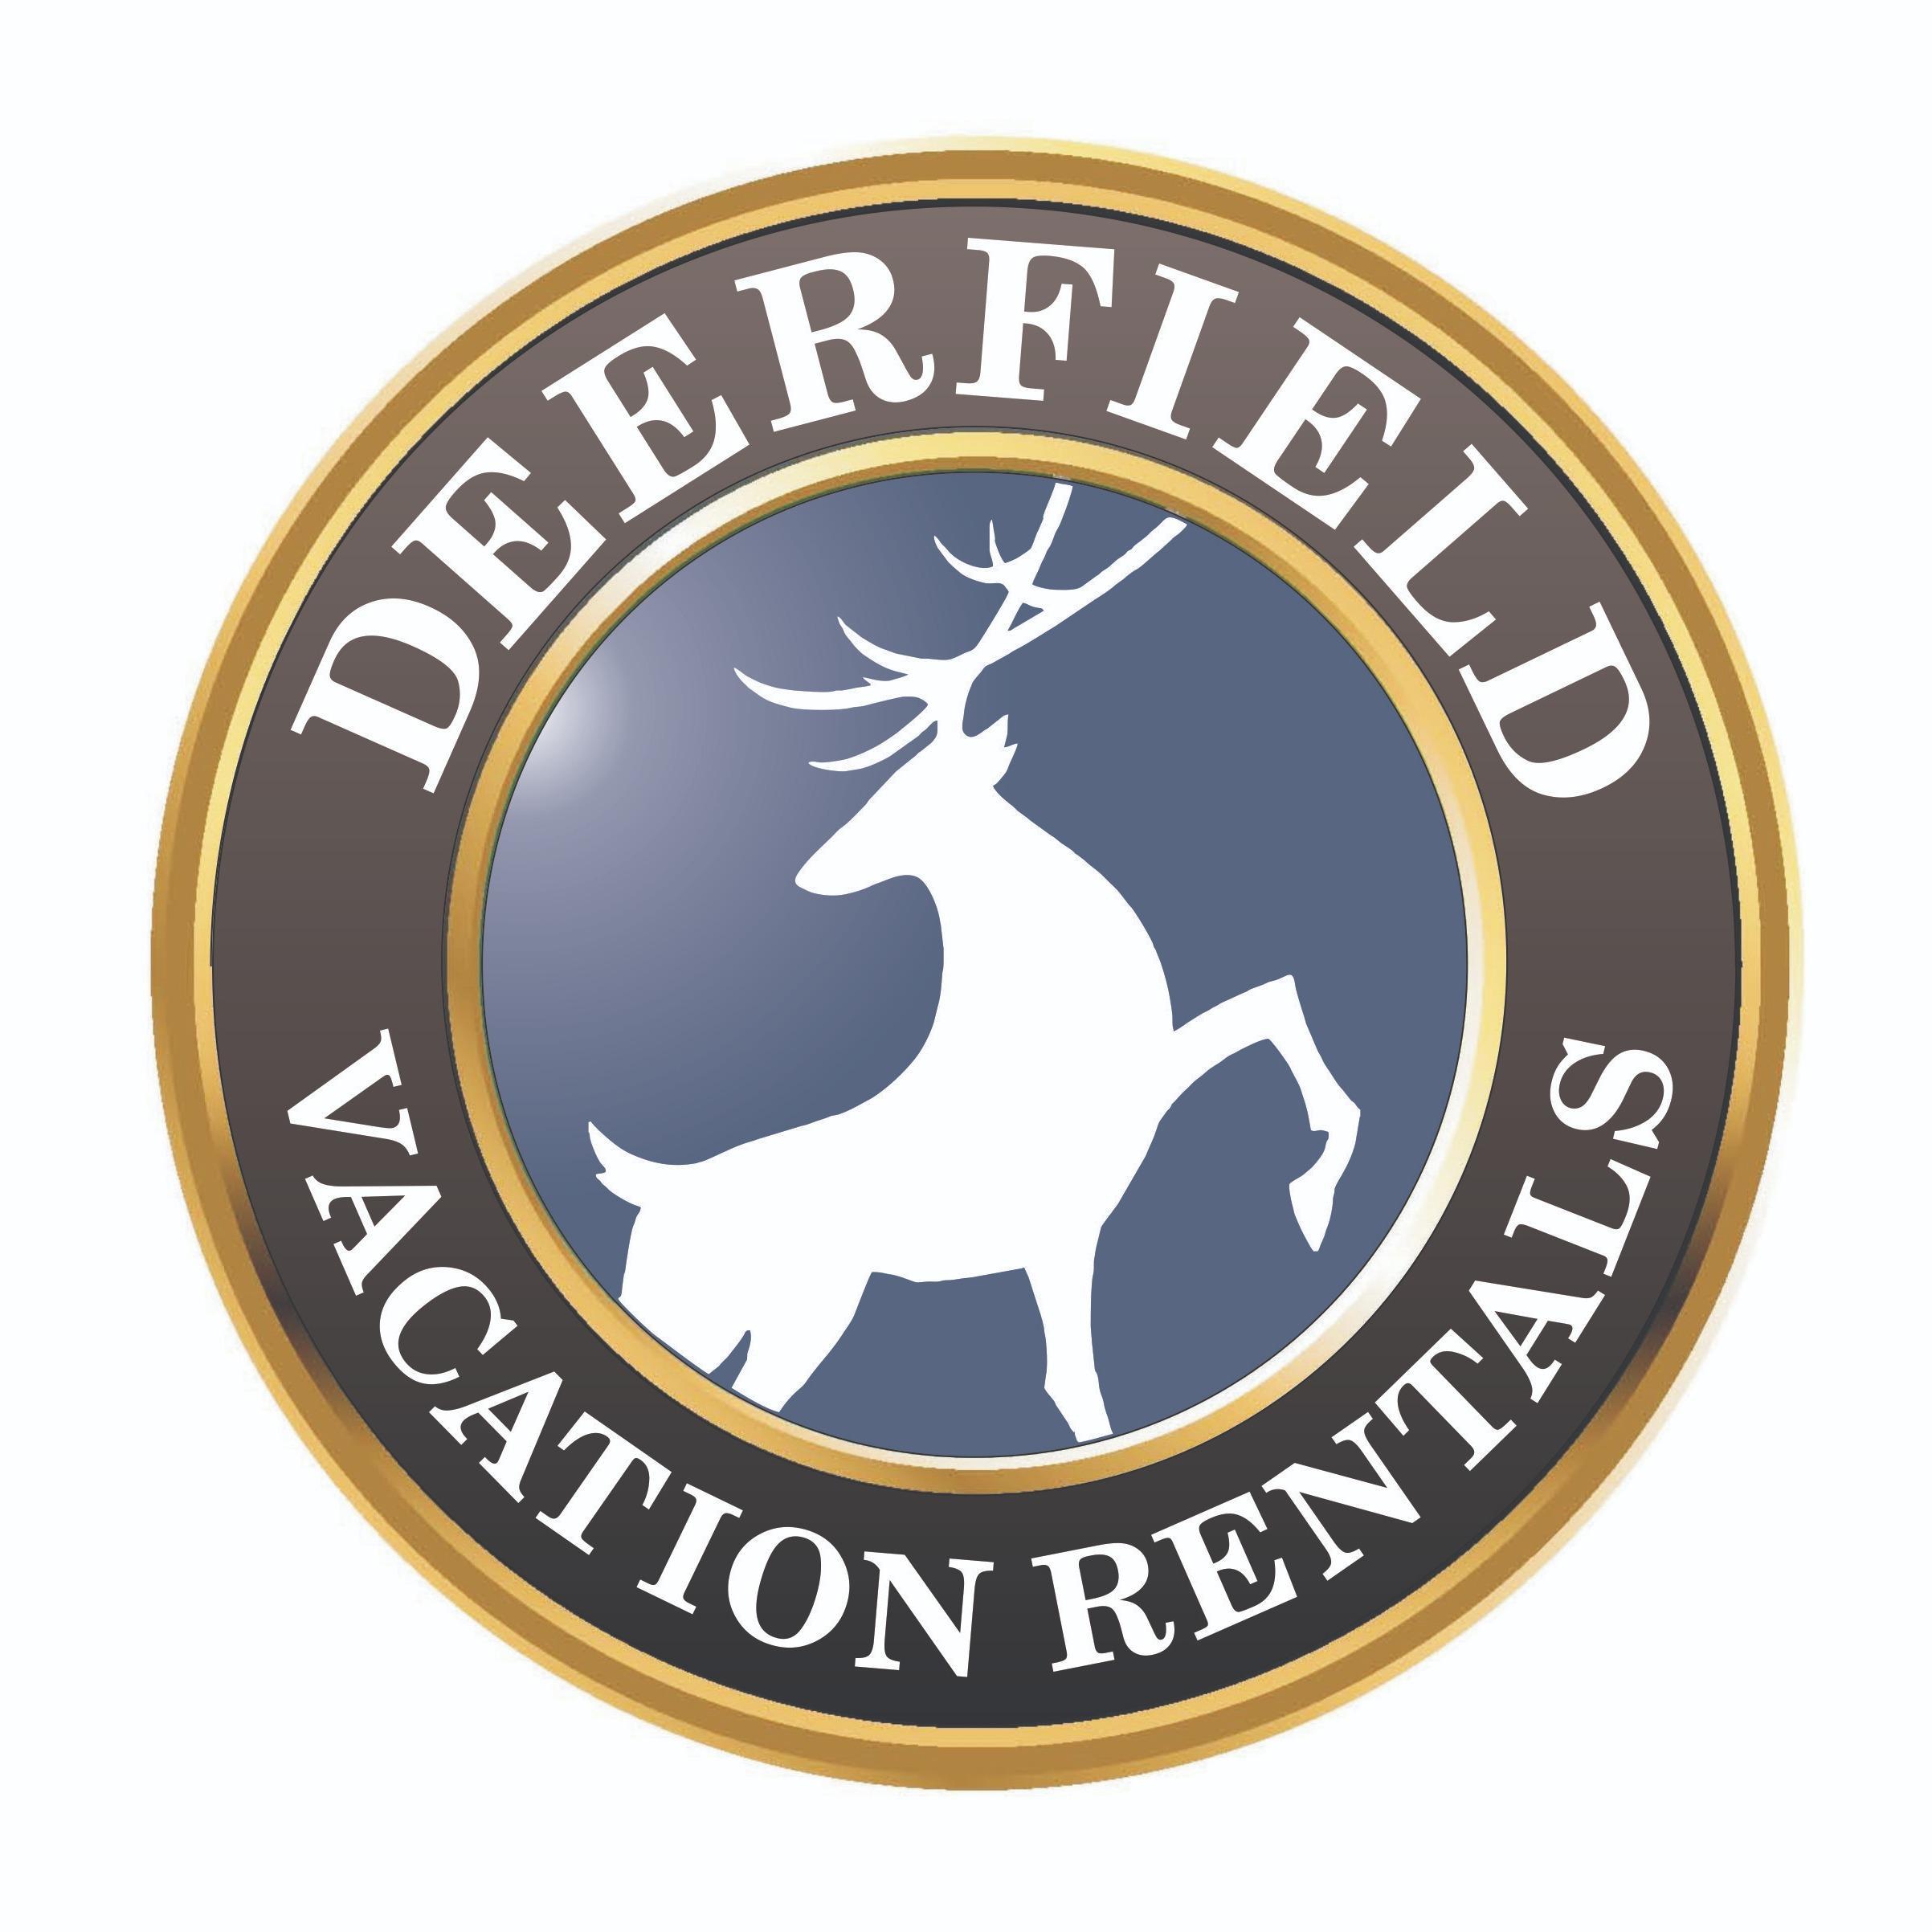 Deerfield Vacation Rentals image 7